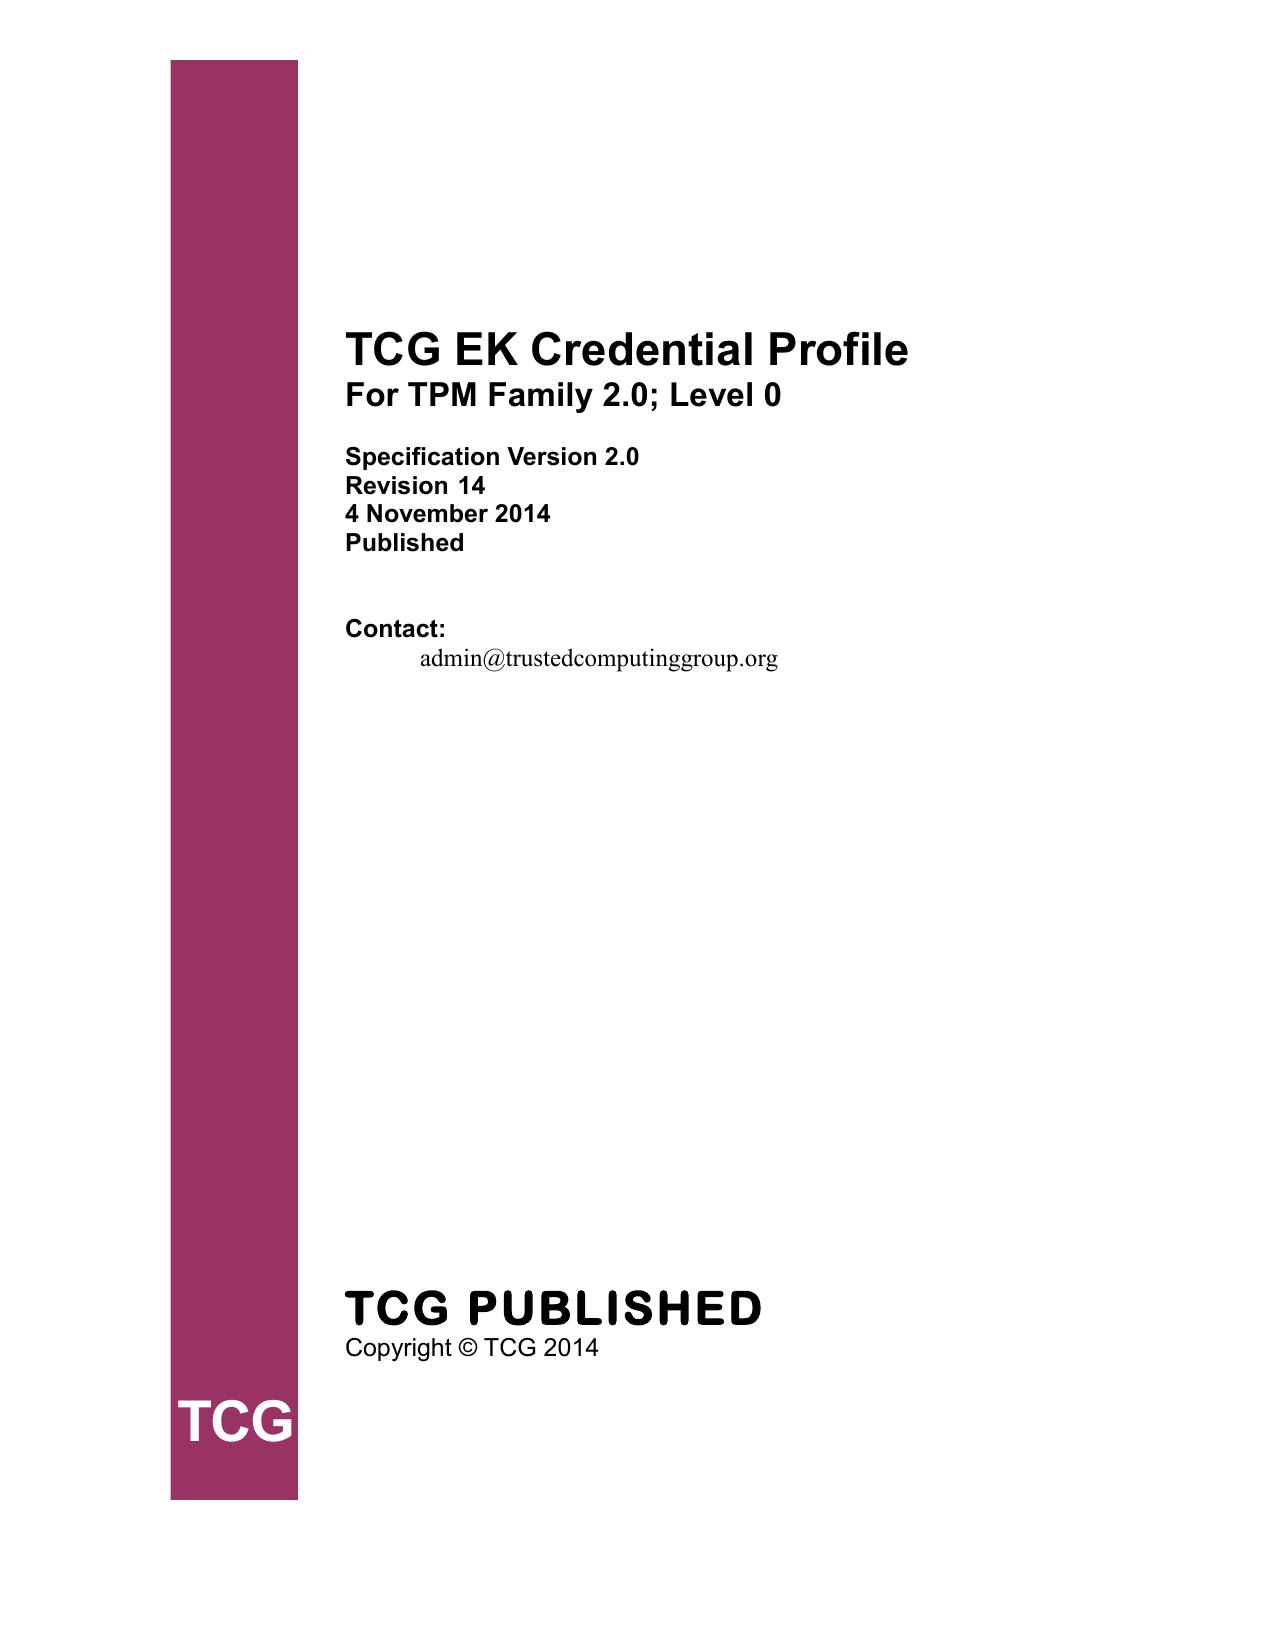 TCG Credential Profile EK 2 0   manualzz com